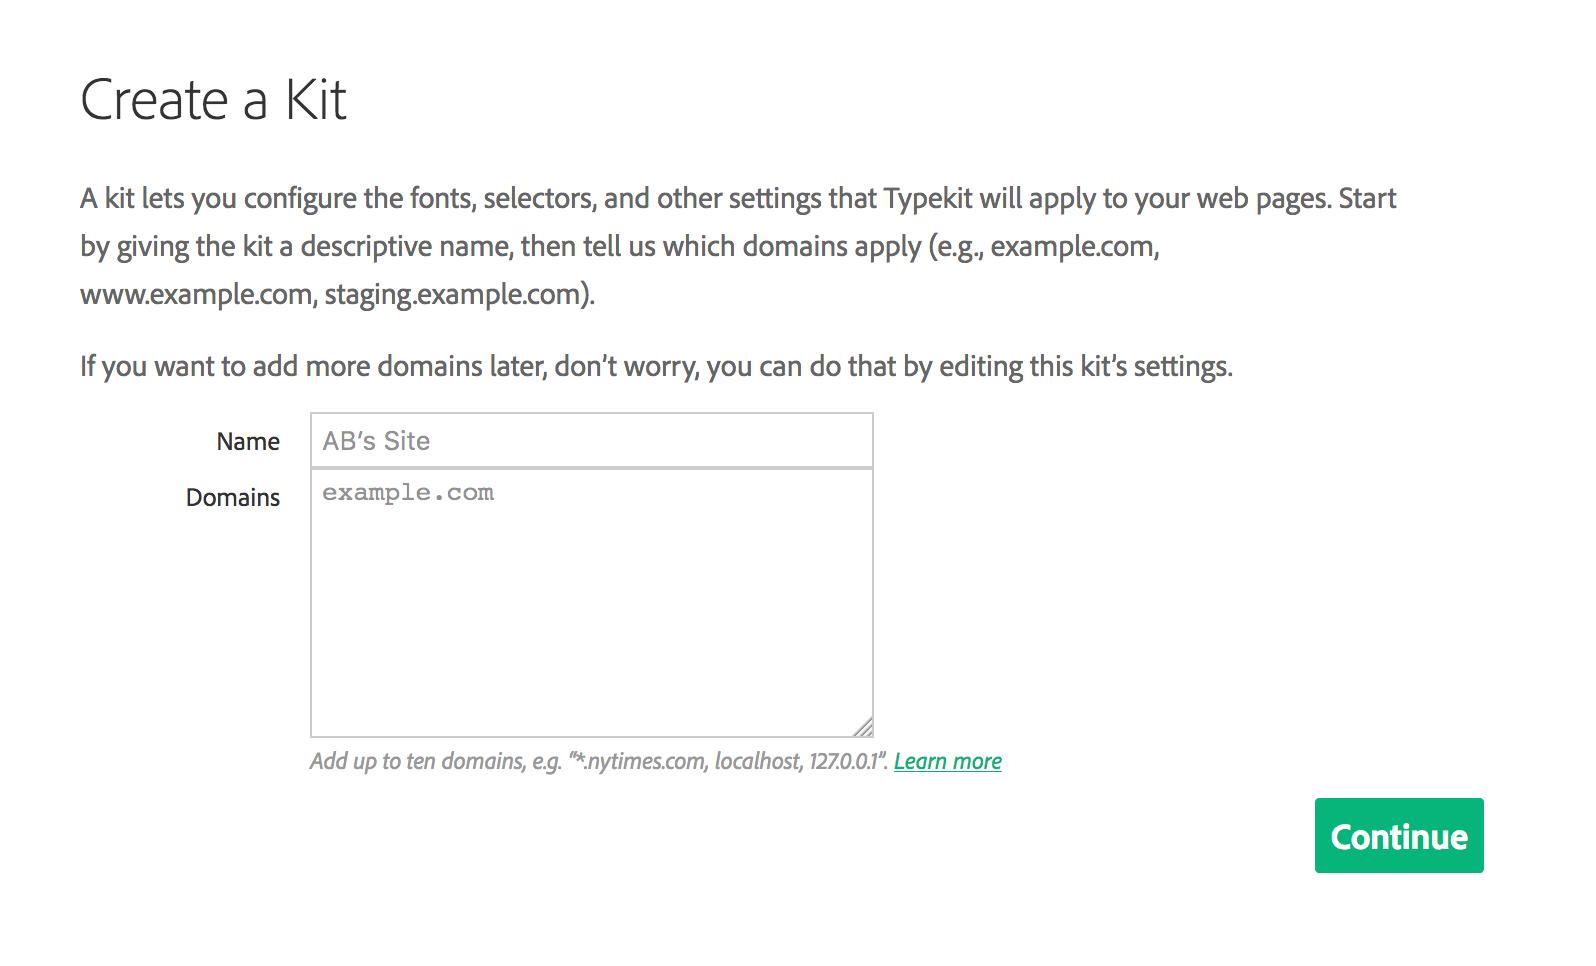 Bước đầu trong tạo 1 Typekit mới